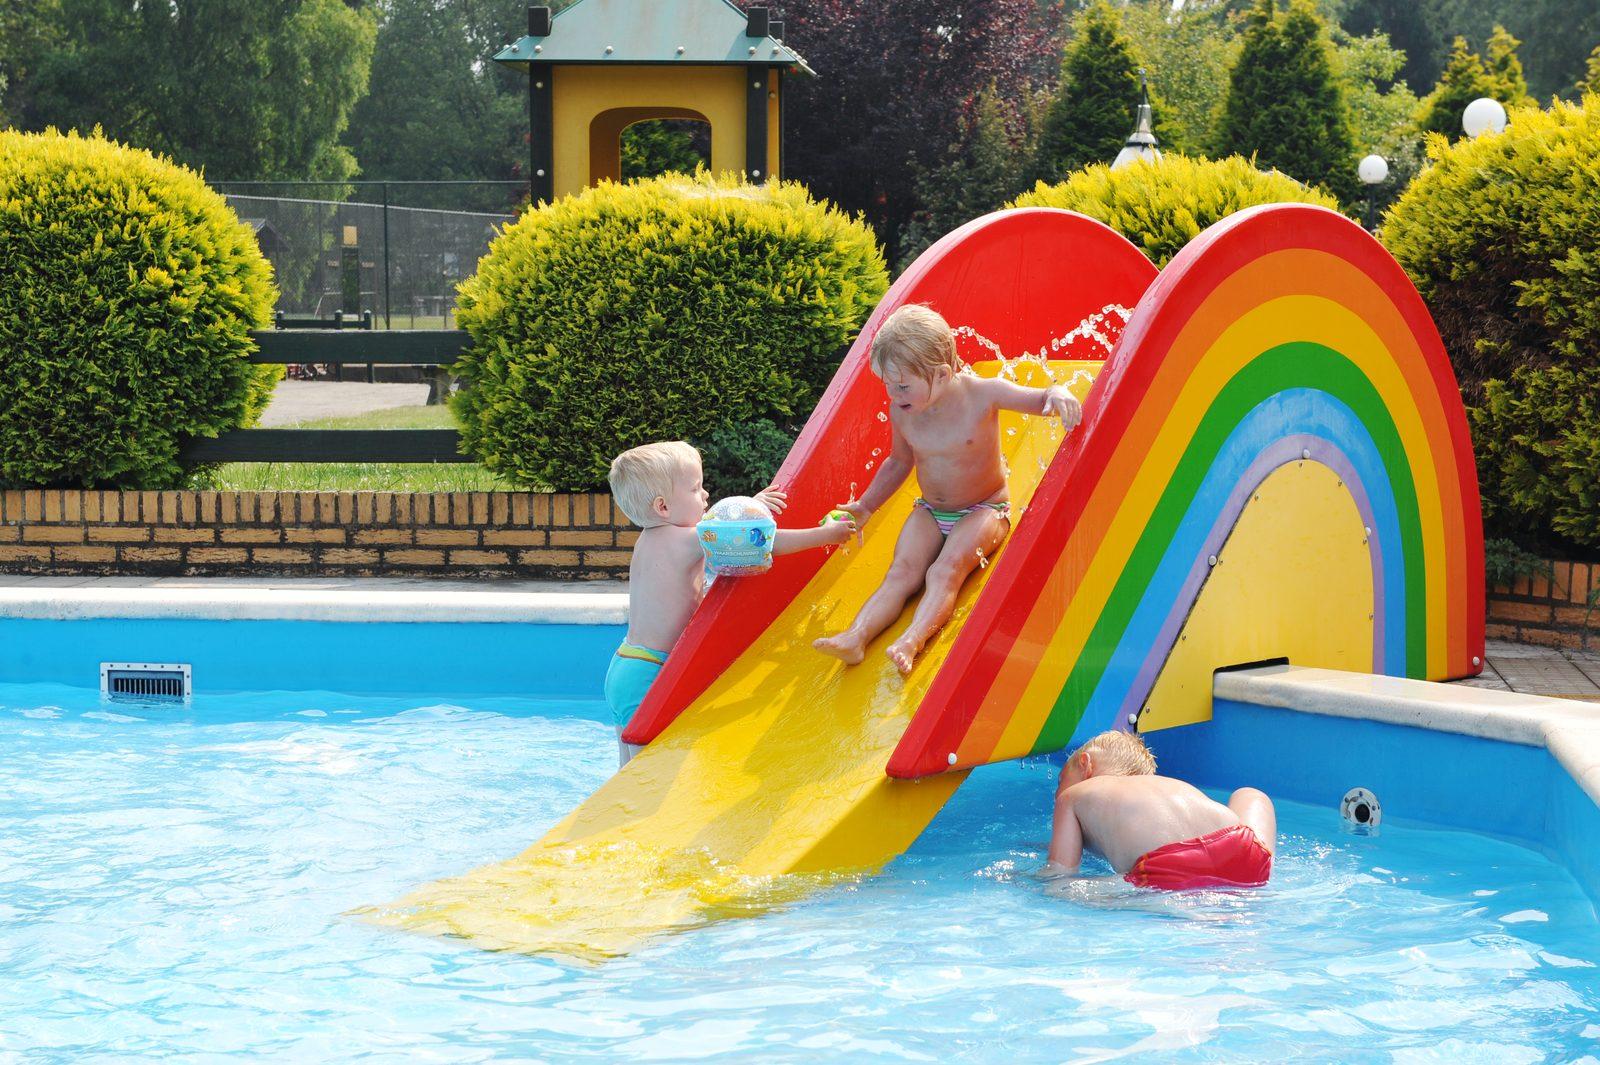 Parc de Kievit beschikt over een 10-persoons villa in Brabant, waarbij u gebruik kunt maken van het verwarmde buitenzwembad.